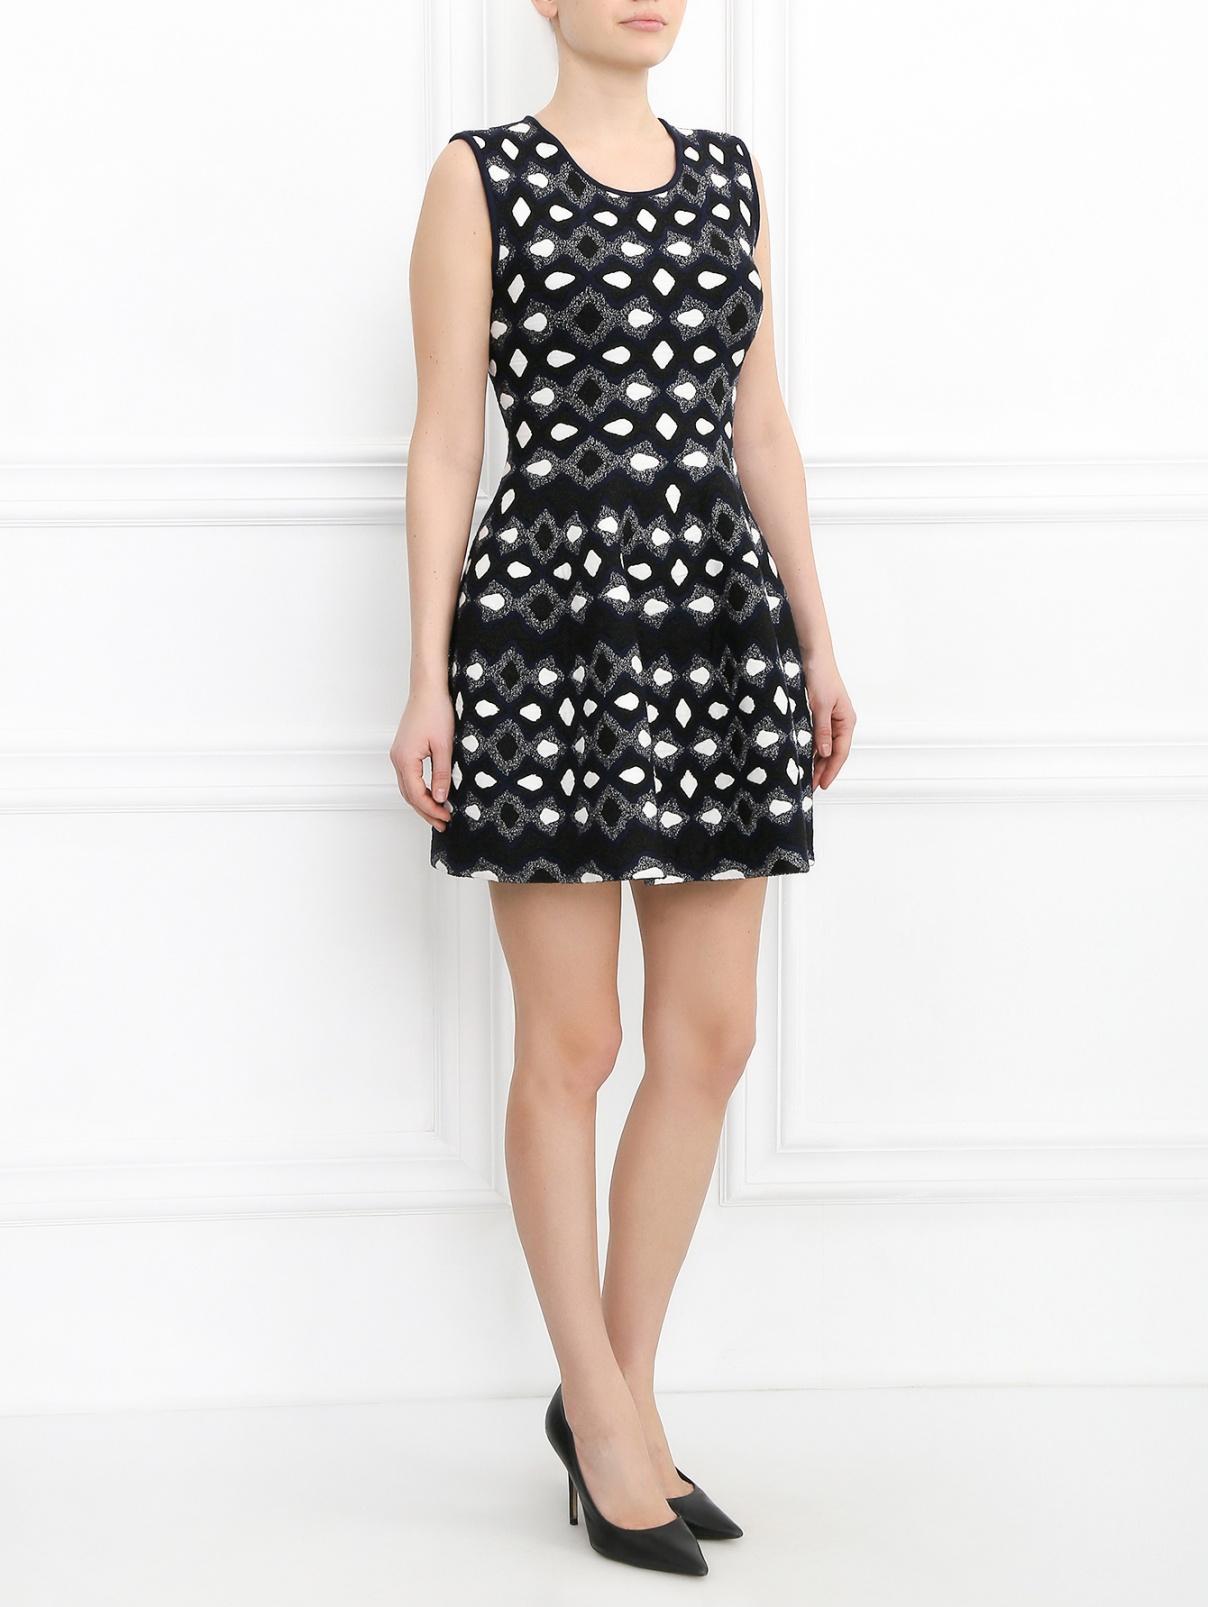 Платье-мини с узором GIG Couture  –  Модель Общий вид  – Цвет:  Черный